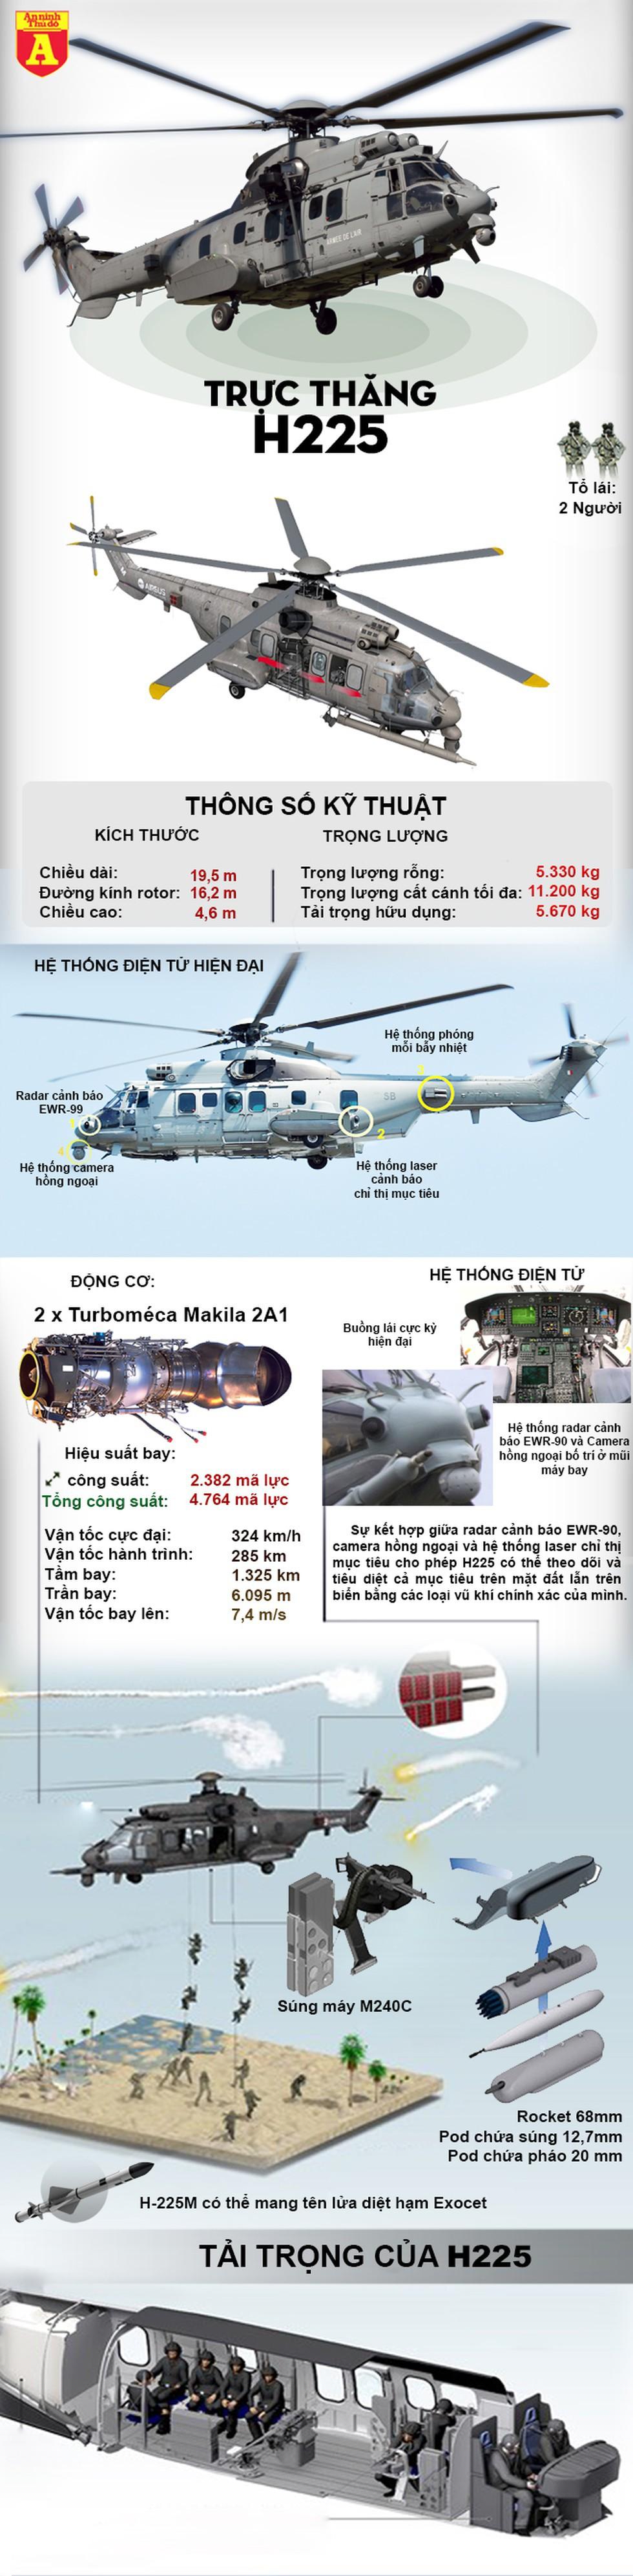 [Infographics] Trực thăng đa nhiệm tốt nhất thế giới rơi xuống biển khi đang đưa người đi cấp cứu - Ảnh 1